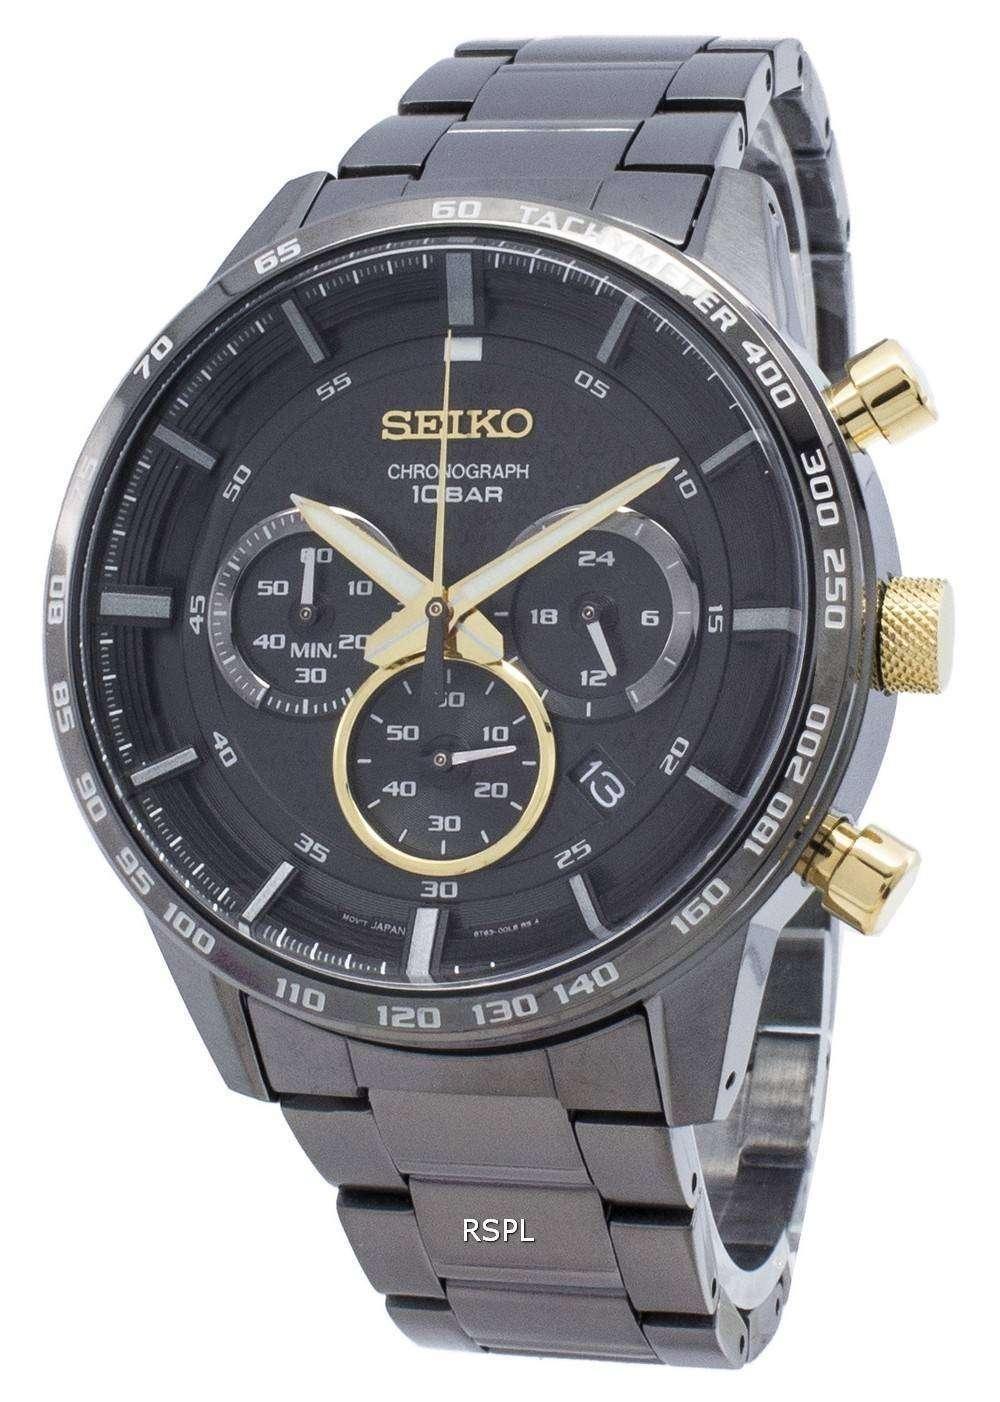 セイコークロノグラフSSB363 SSB363P1 SSB363Pタキメータークォーツメンズ腕時計